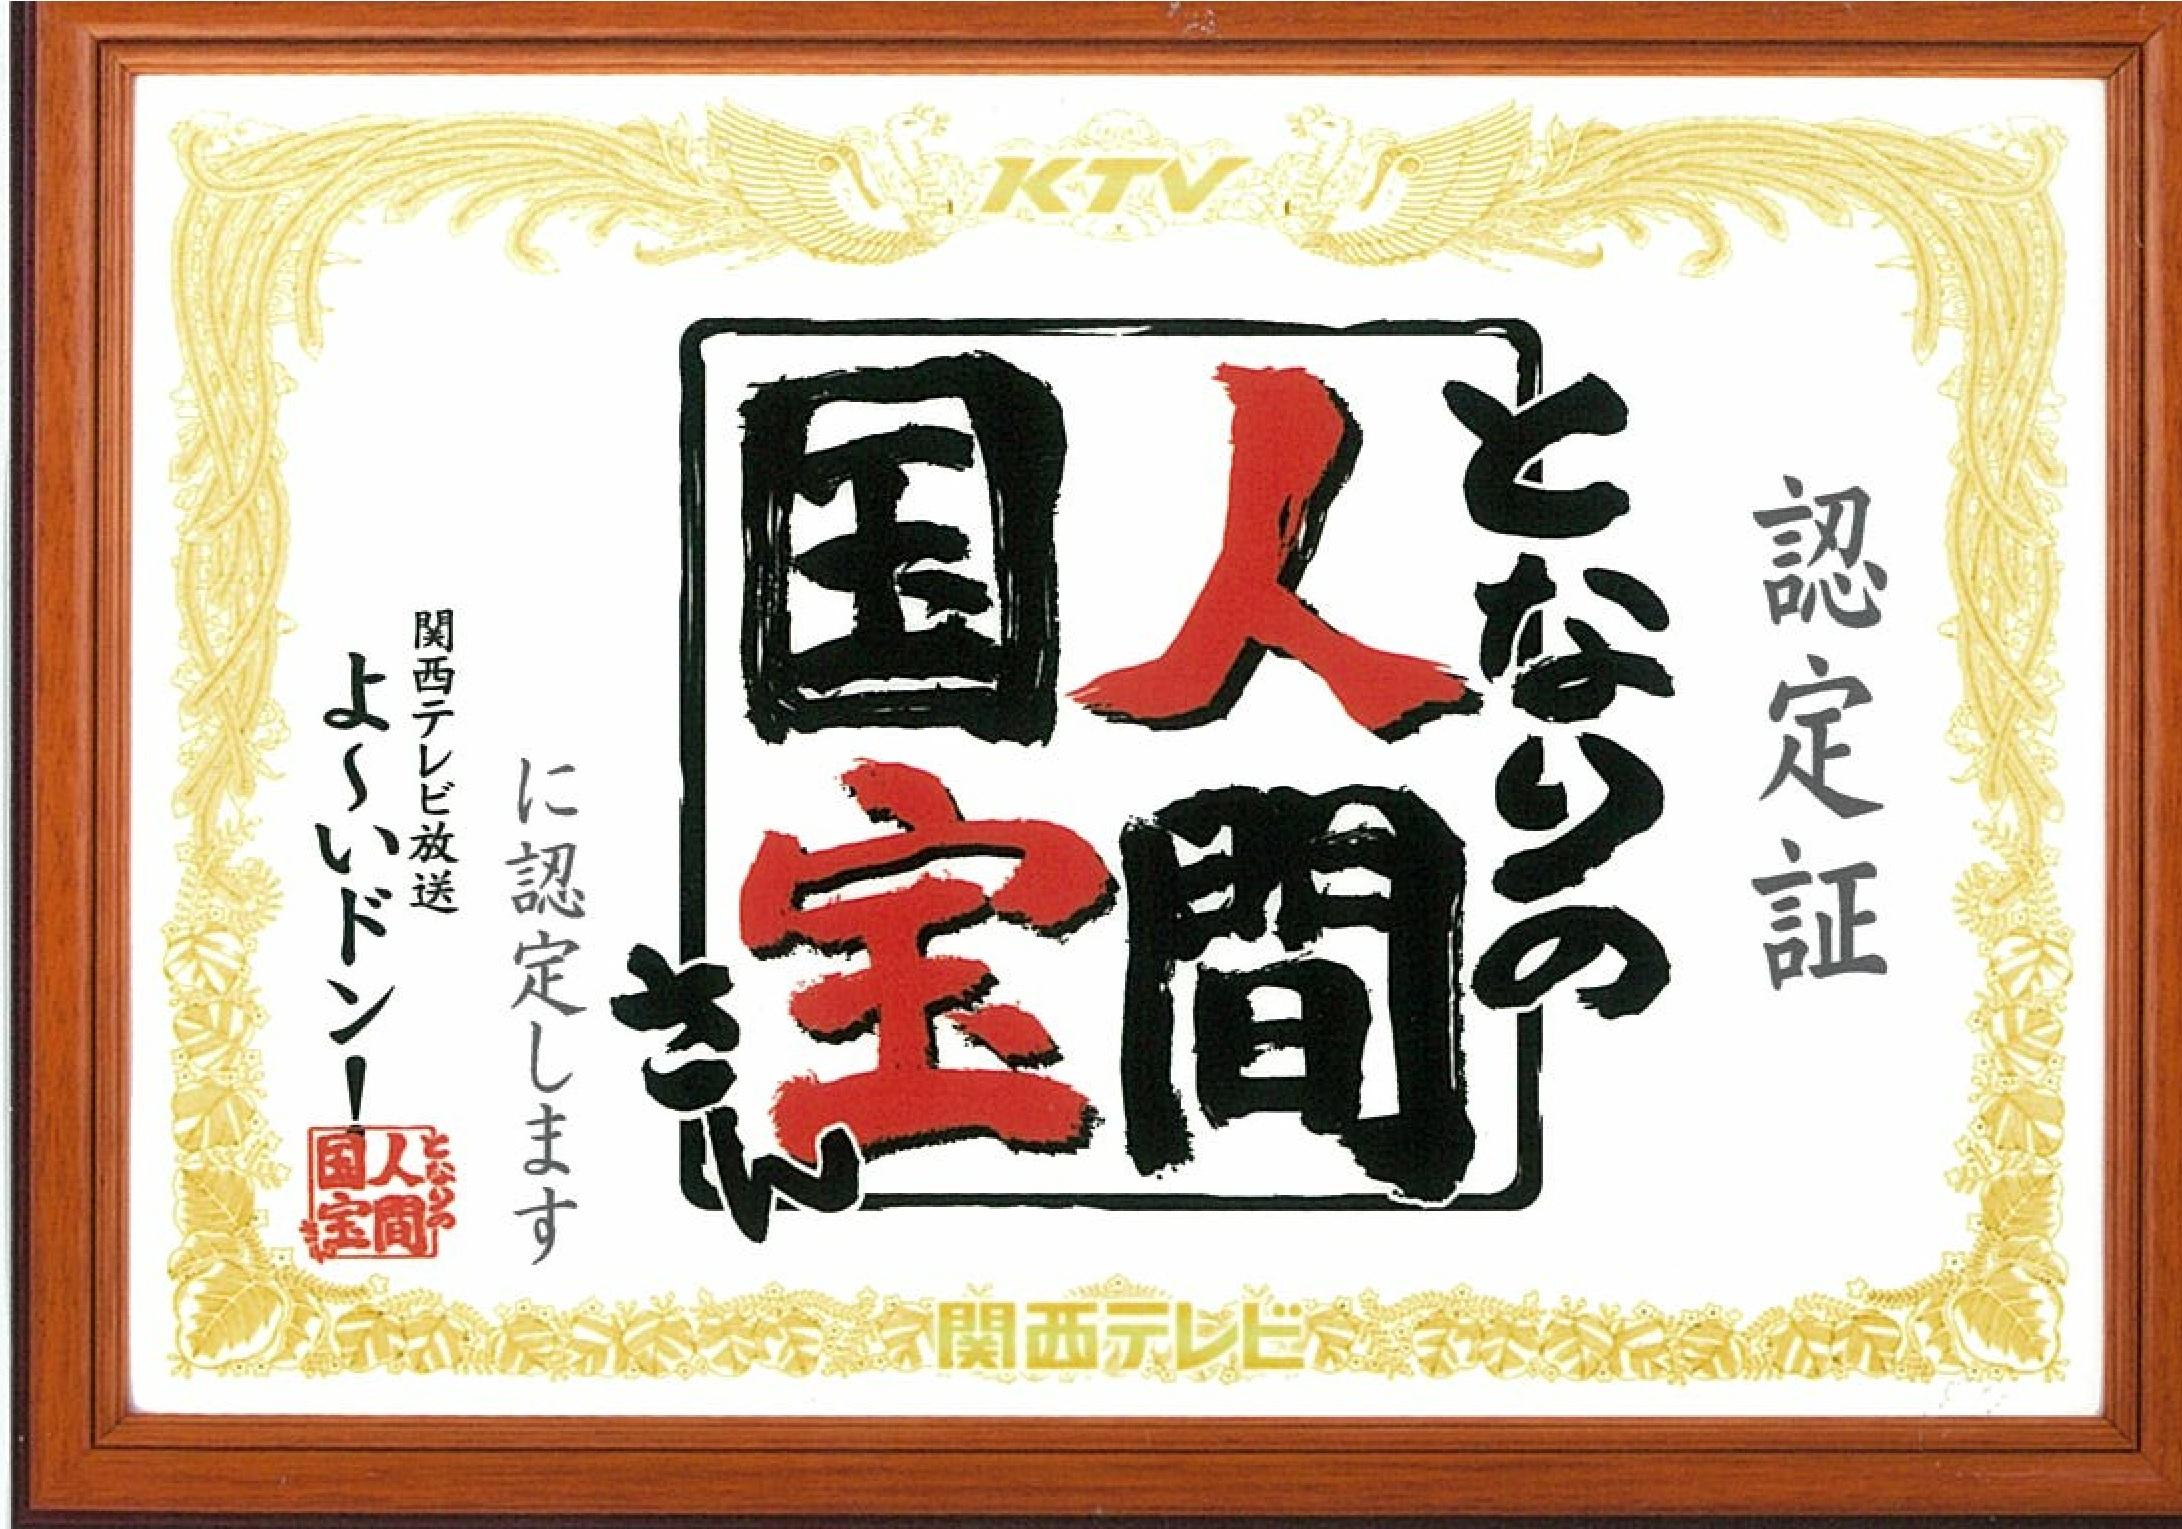 ・昆布革命・上方仕立て<br />  ・大阪こんぶ<br />  ・こんぶのうるおいシートマスク